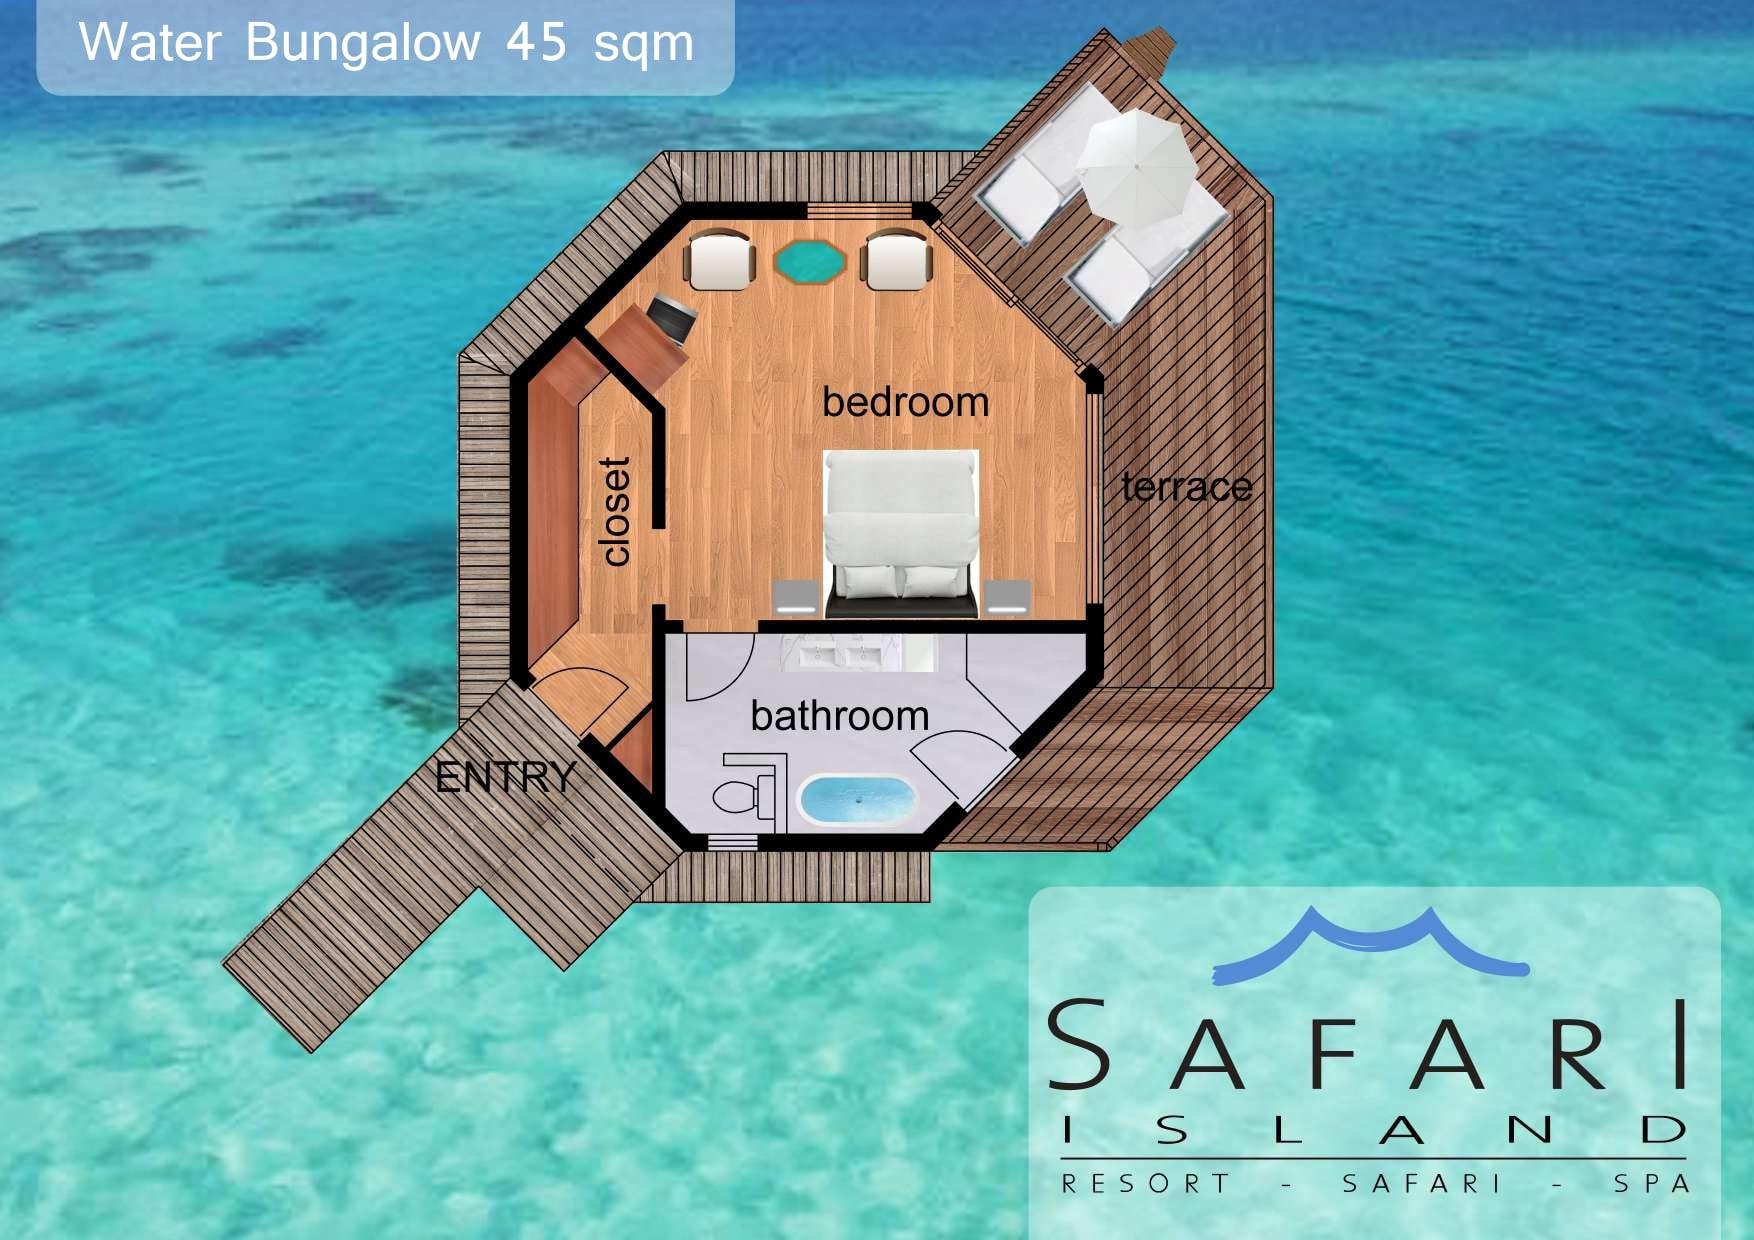 Мальдивы, Отель Safari Island Resort & Spa, план-схема номера Water Bungalow